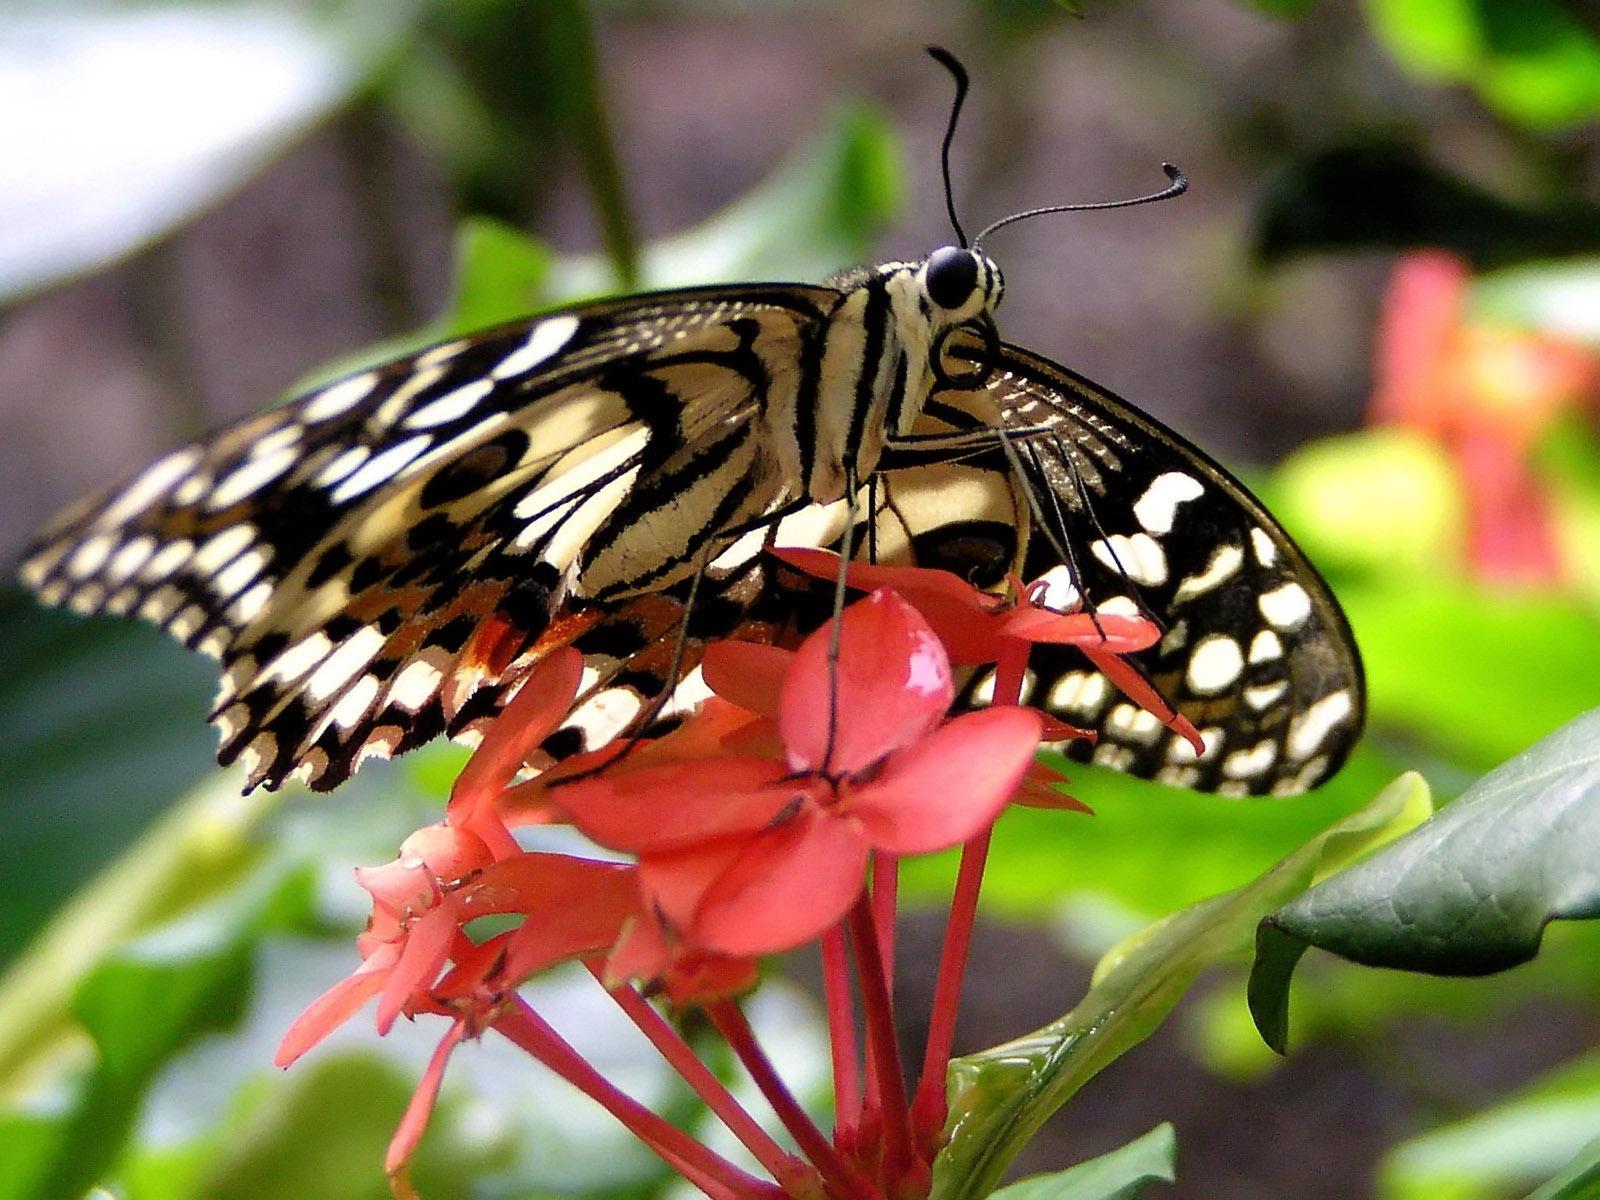 Картинка Бабочка и цветы » Бабочки » Насекомые » Животные ...